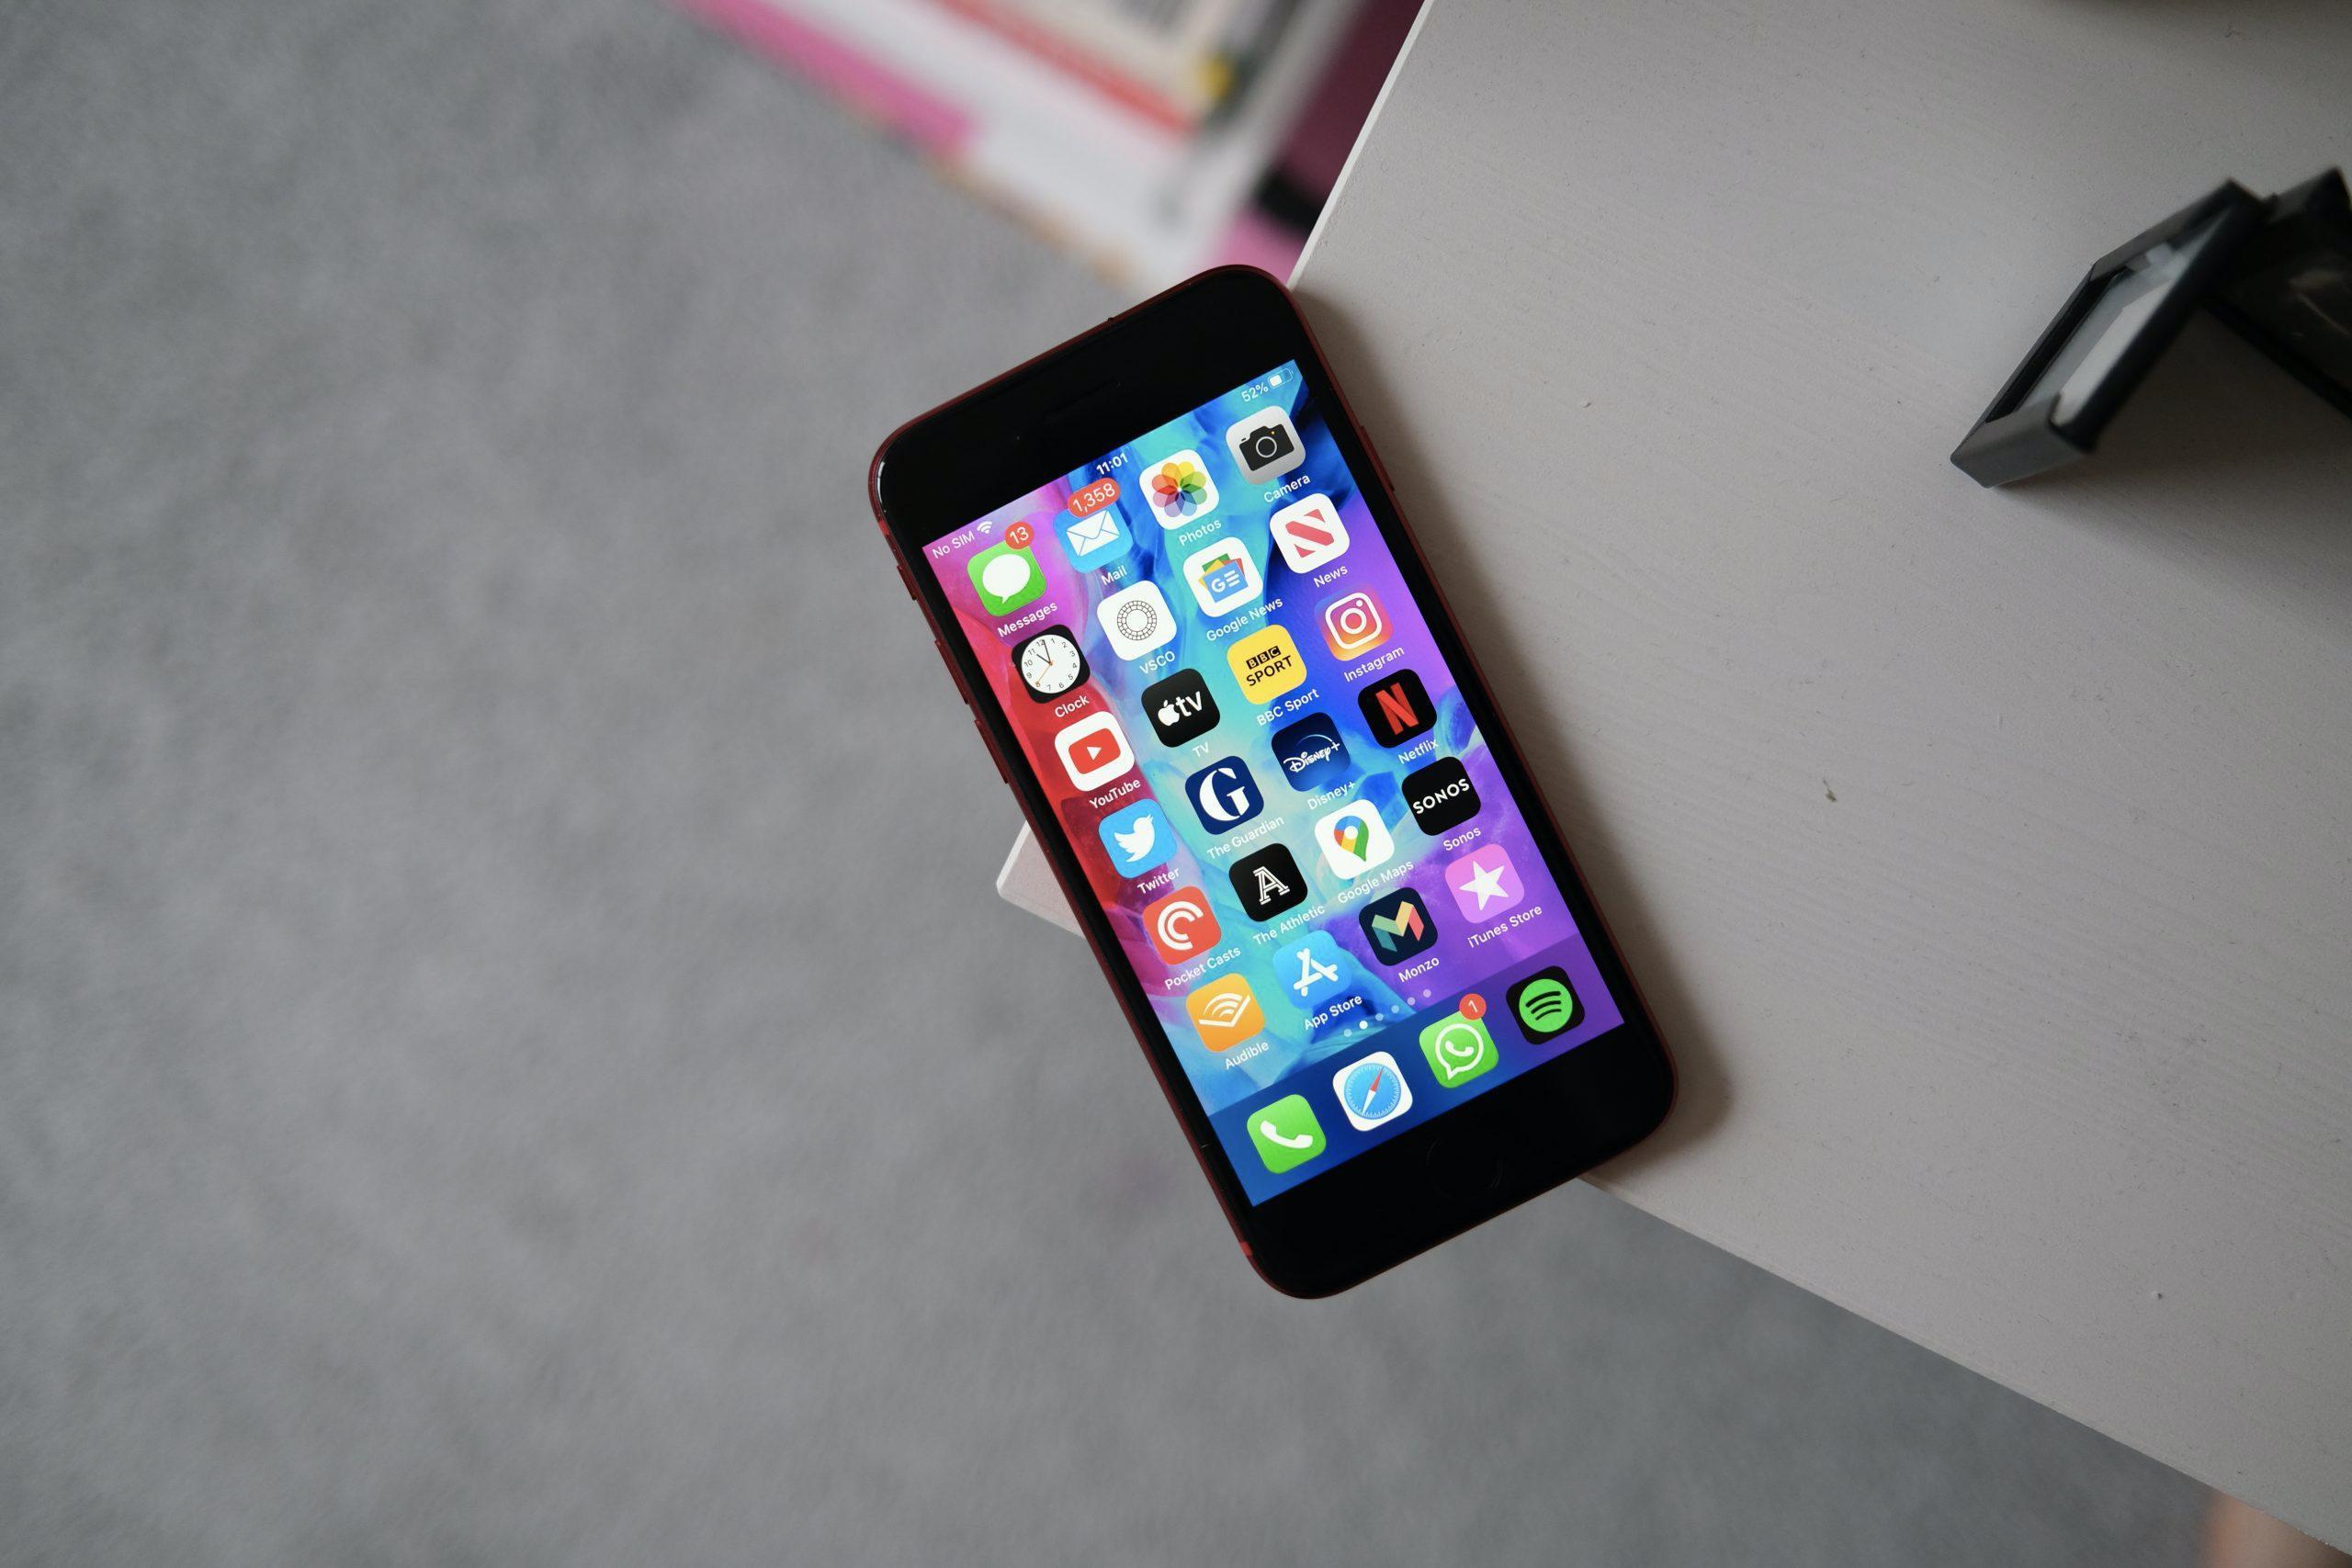 Nhiều iPhone gặp lỗi hao pin nghiêm trọng khi cập nhật iOS 13.5.1 Ảnh 5